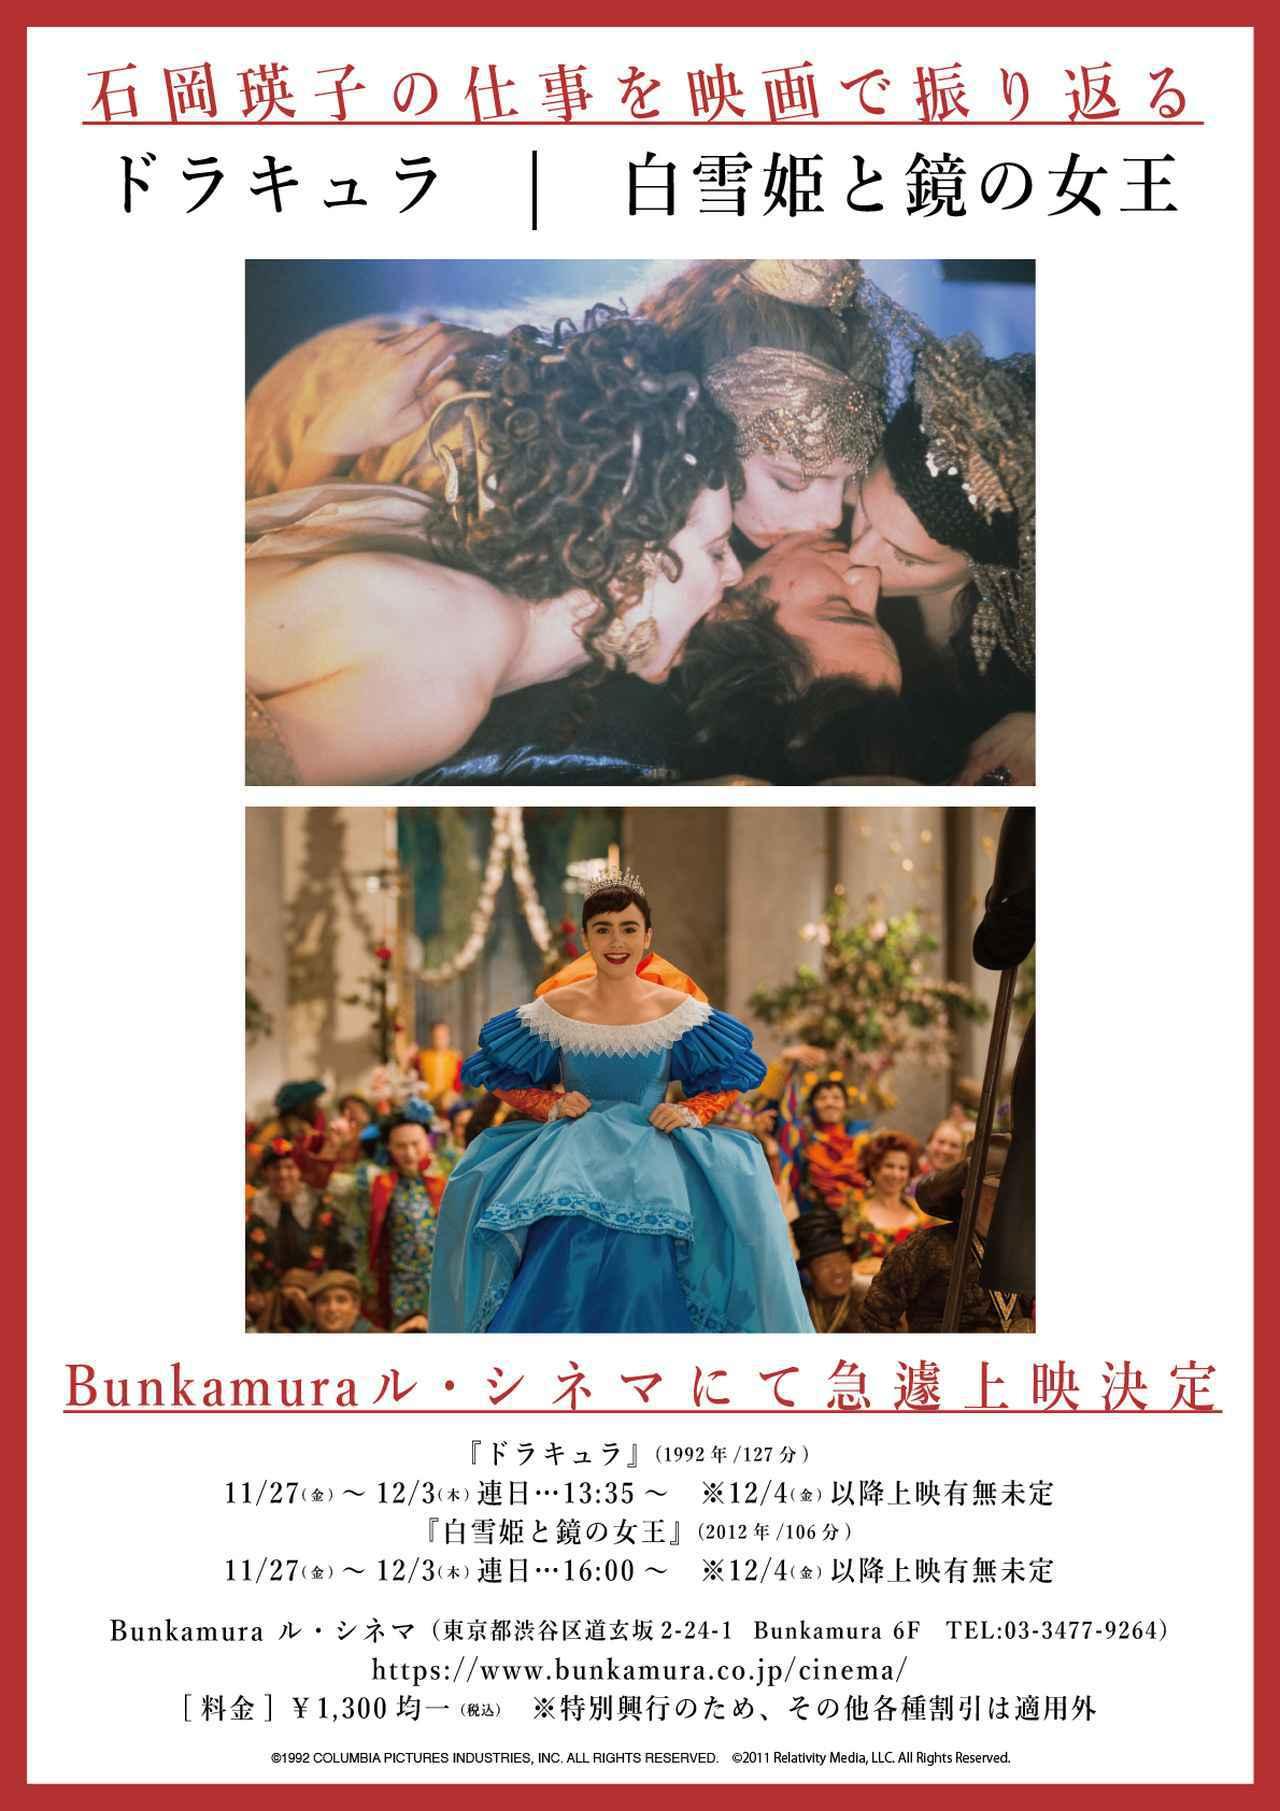 画像2: 急遽上映が決定!初の大回顧展が開催中の石岡瑛子のアカデミー賞衣装デザイン賞に輝く『ドラキュラ』と最期の作品となった『白雪姫と鏡の女王』